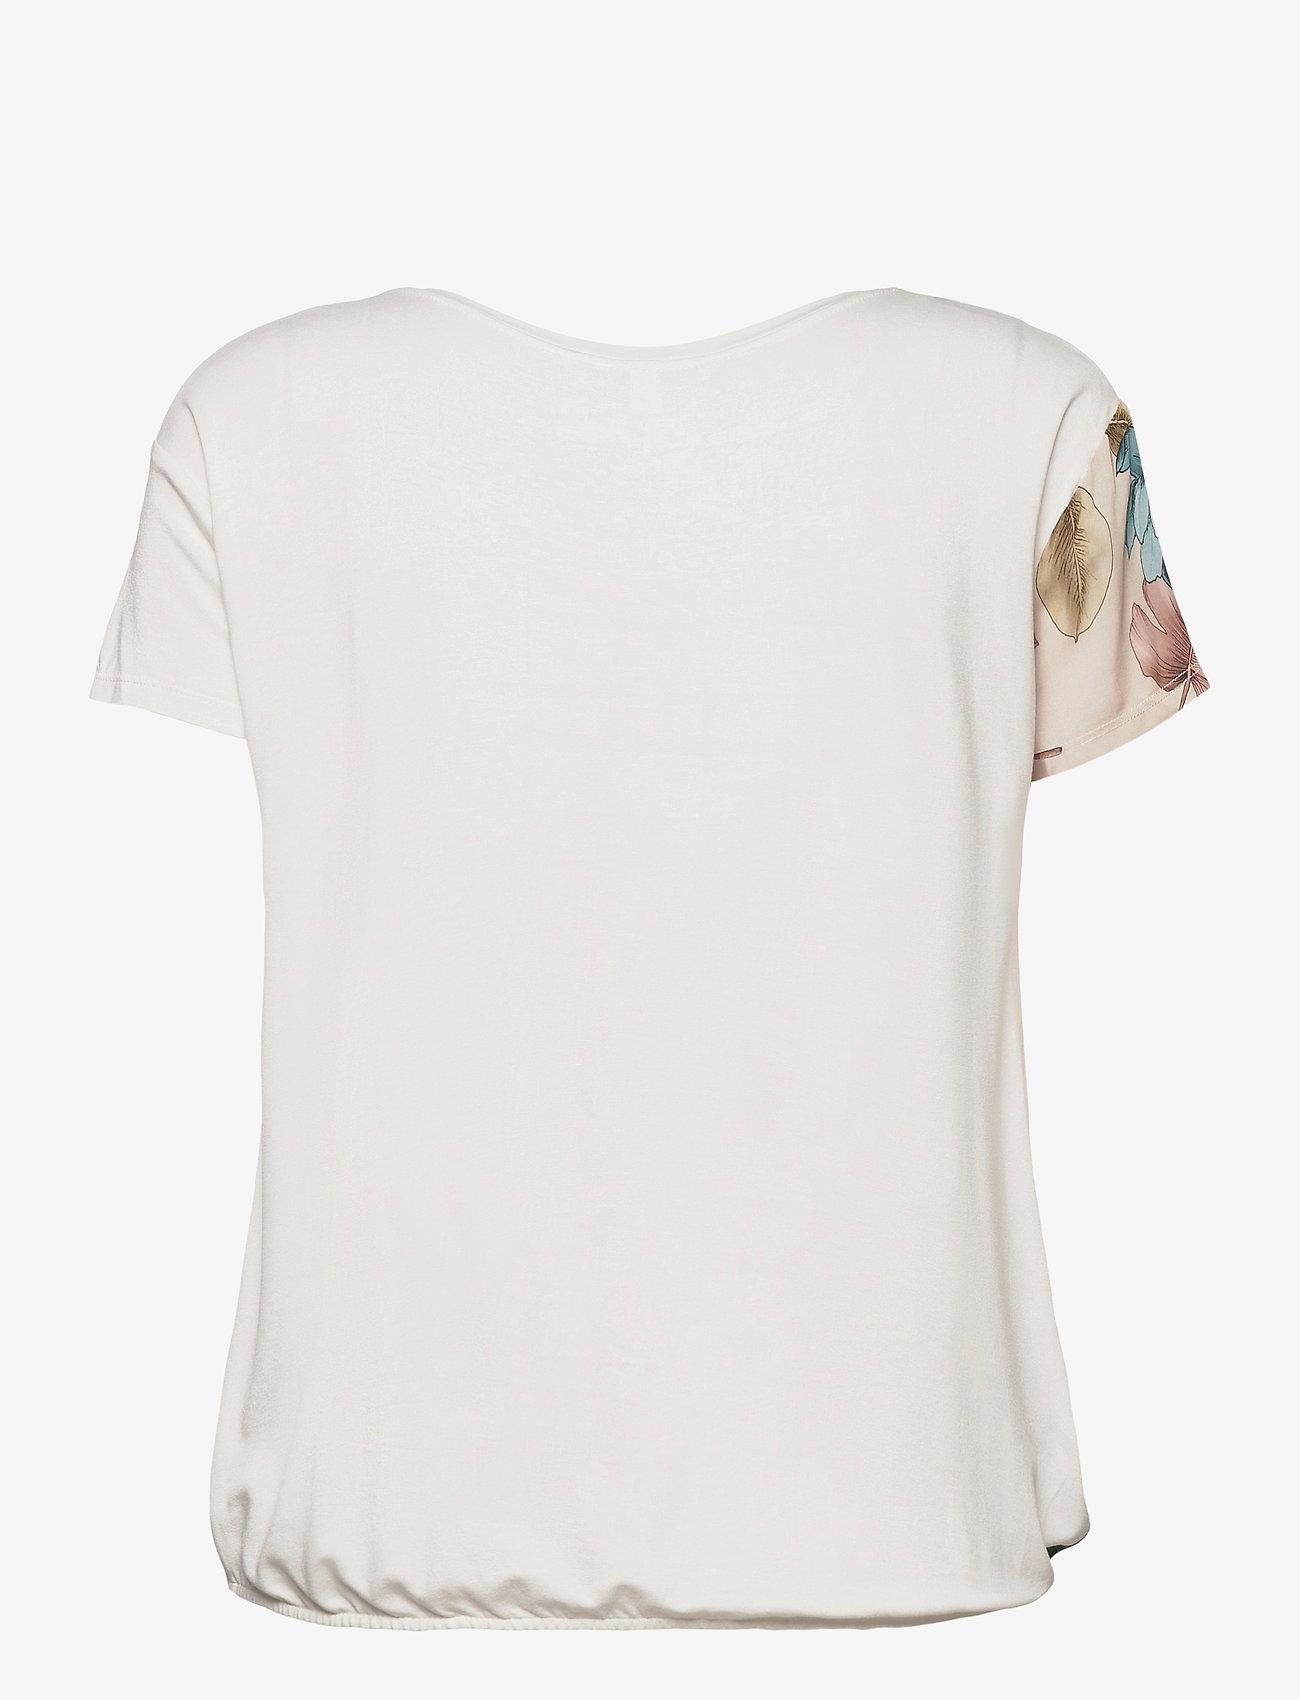 Desigual - TS EDIMBURGO - t-shirts - blanco - 1